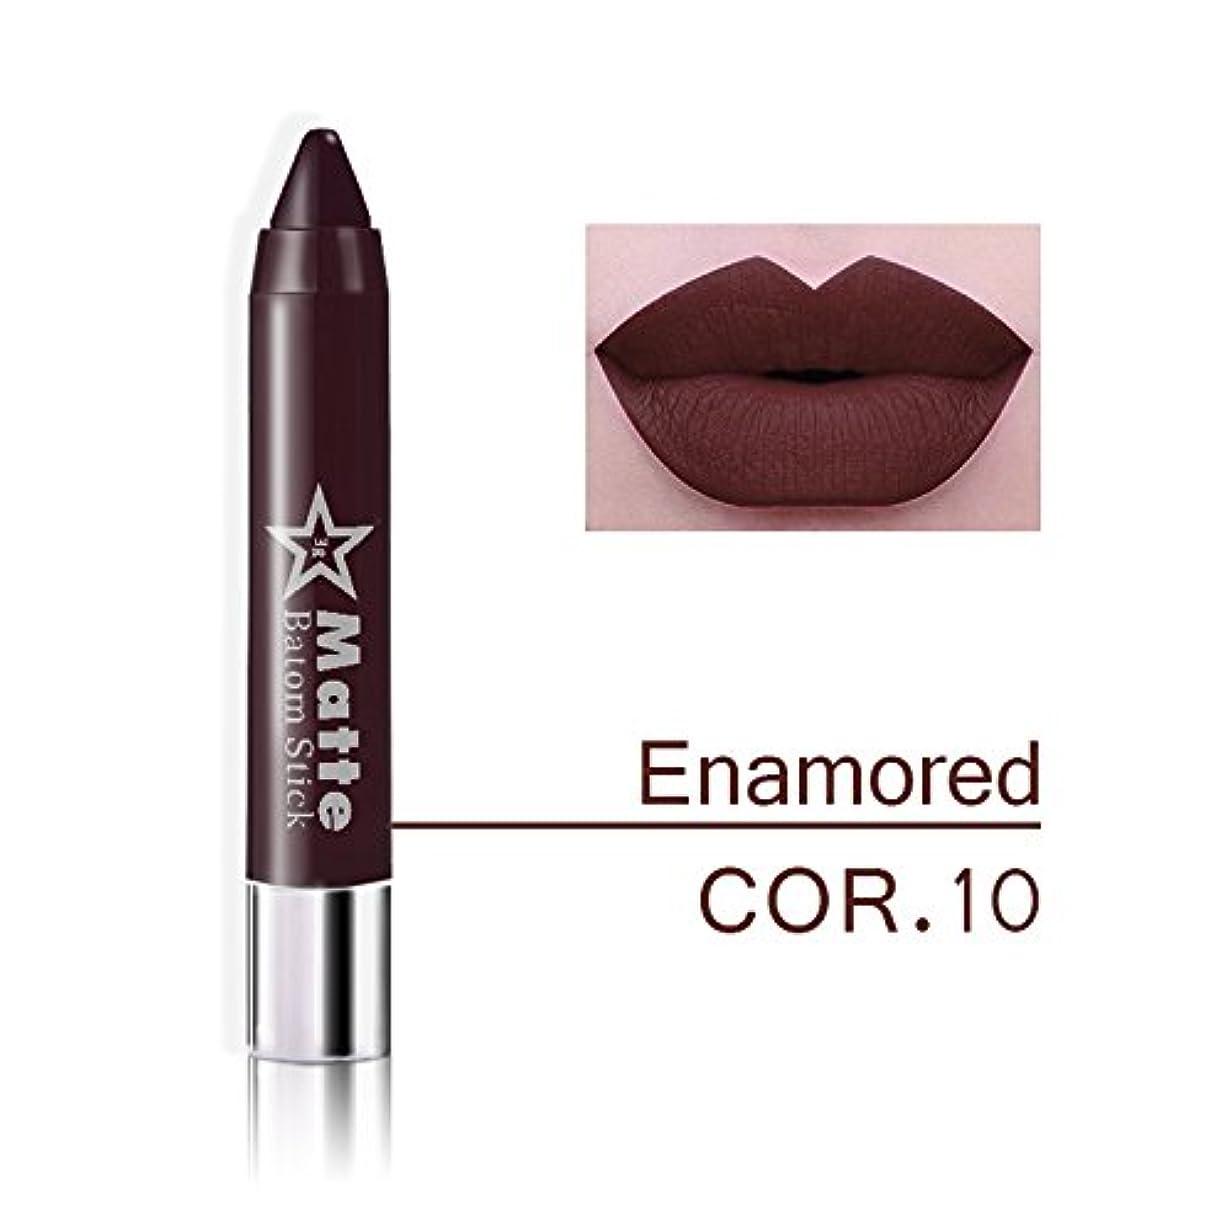 回る大理石ゴールMiss Rose Brand lips Matte Moisturizing Lipstick Makeup Lipsticks Waterproof matte Lip gloss Mate Lipsticks Make up